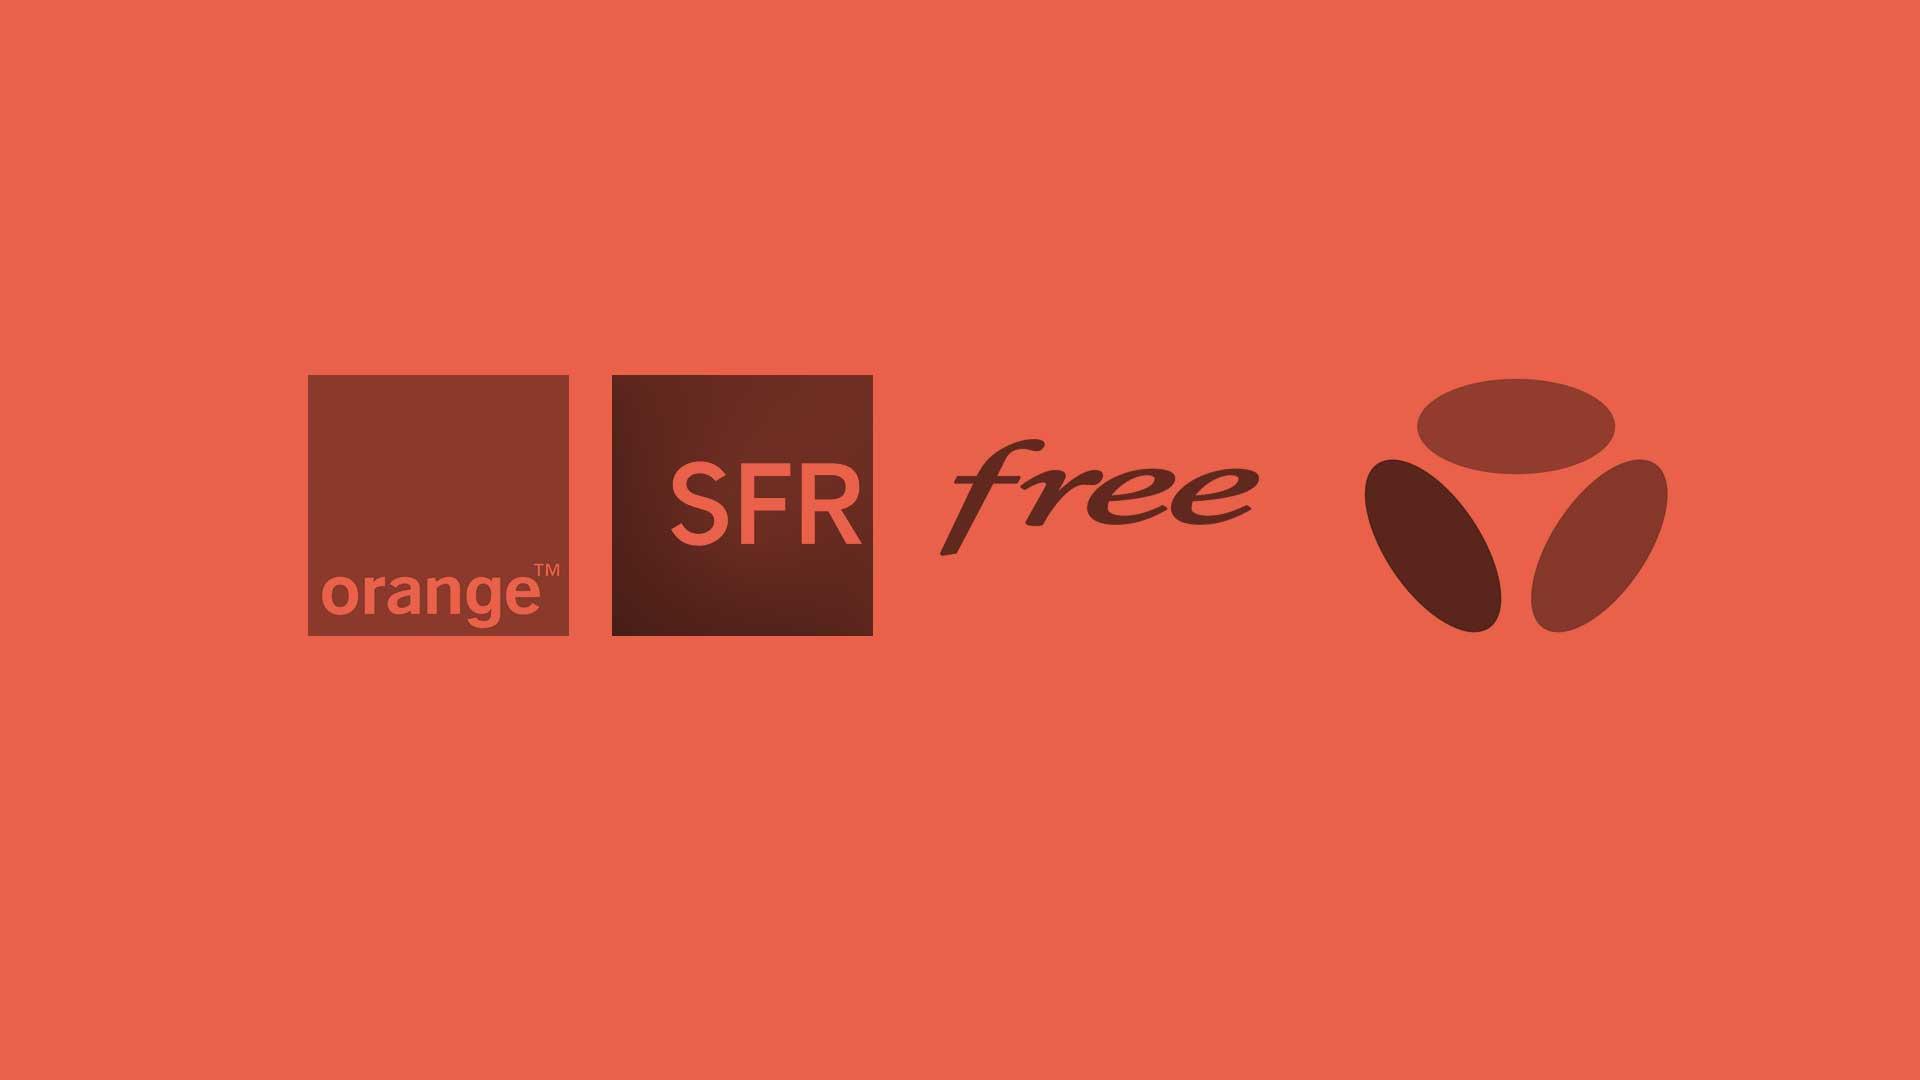 Couverture 4G : les investissements de SFR paient, Free bon dernier